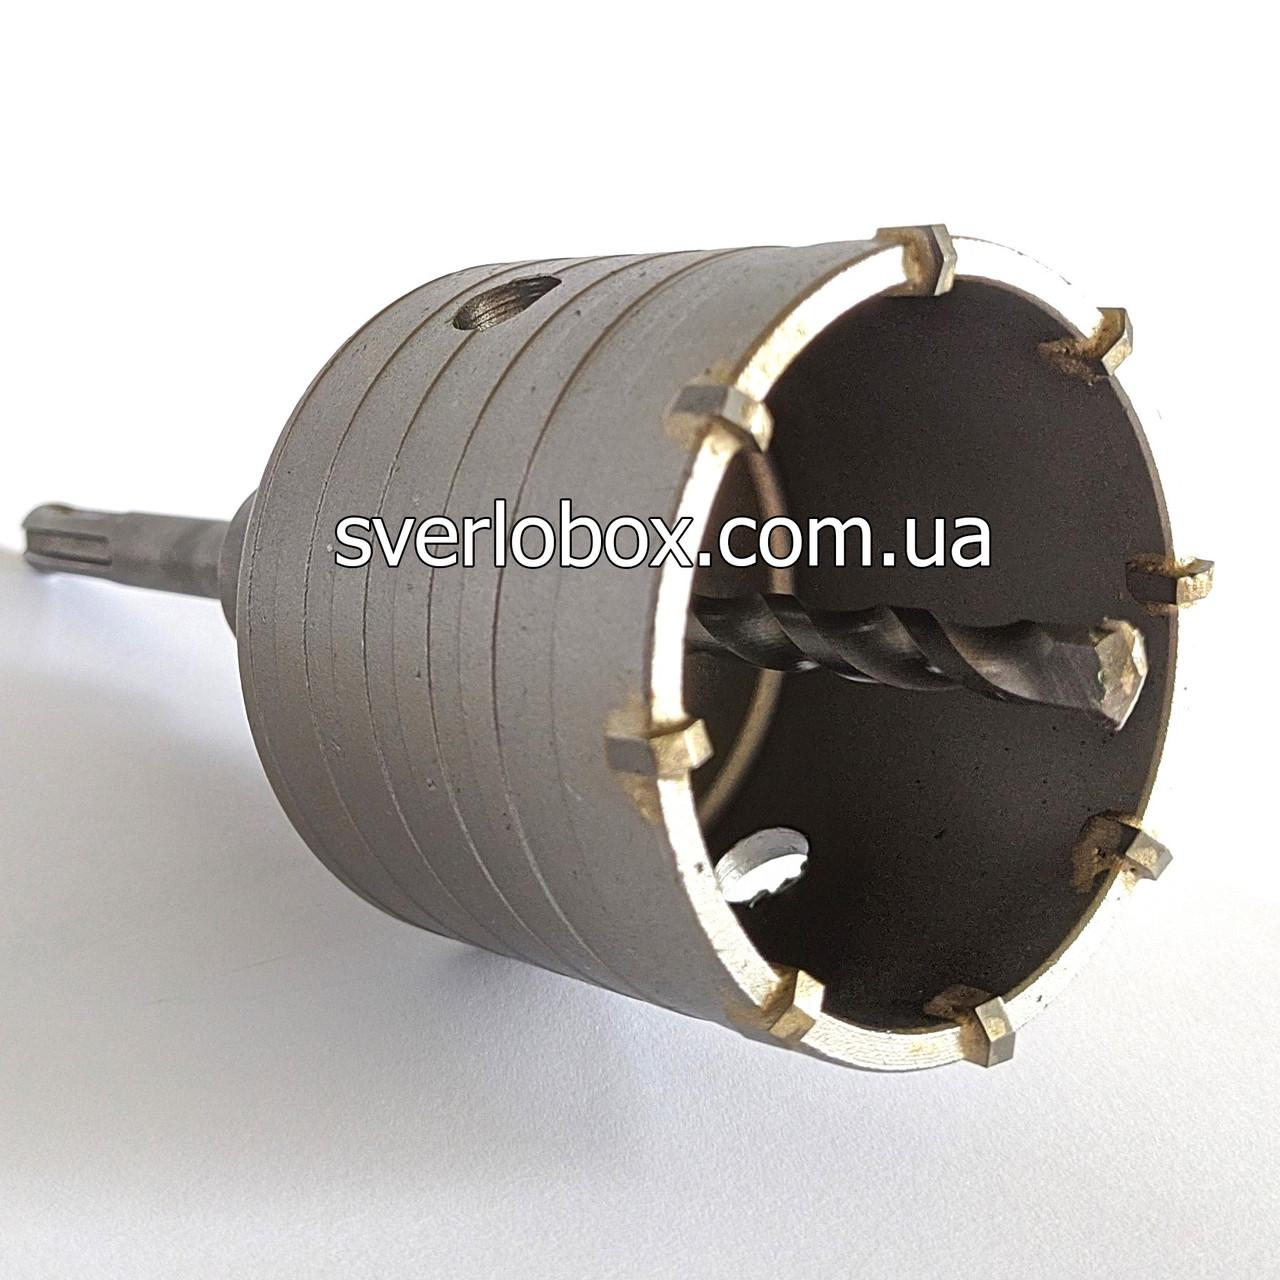 Коронка по бетону для перфоратора 55 мм SDS-plus